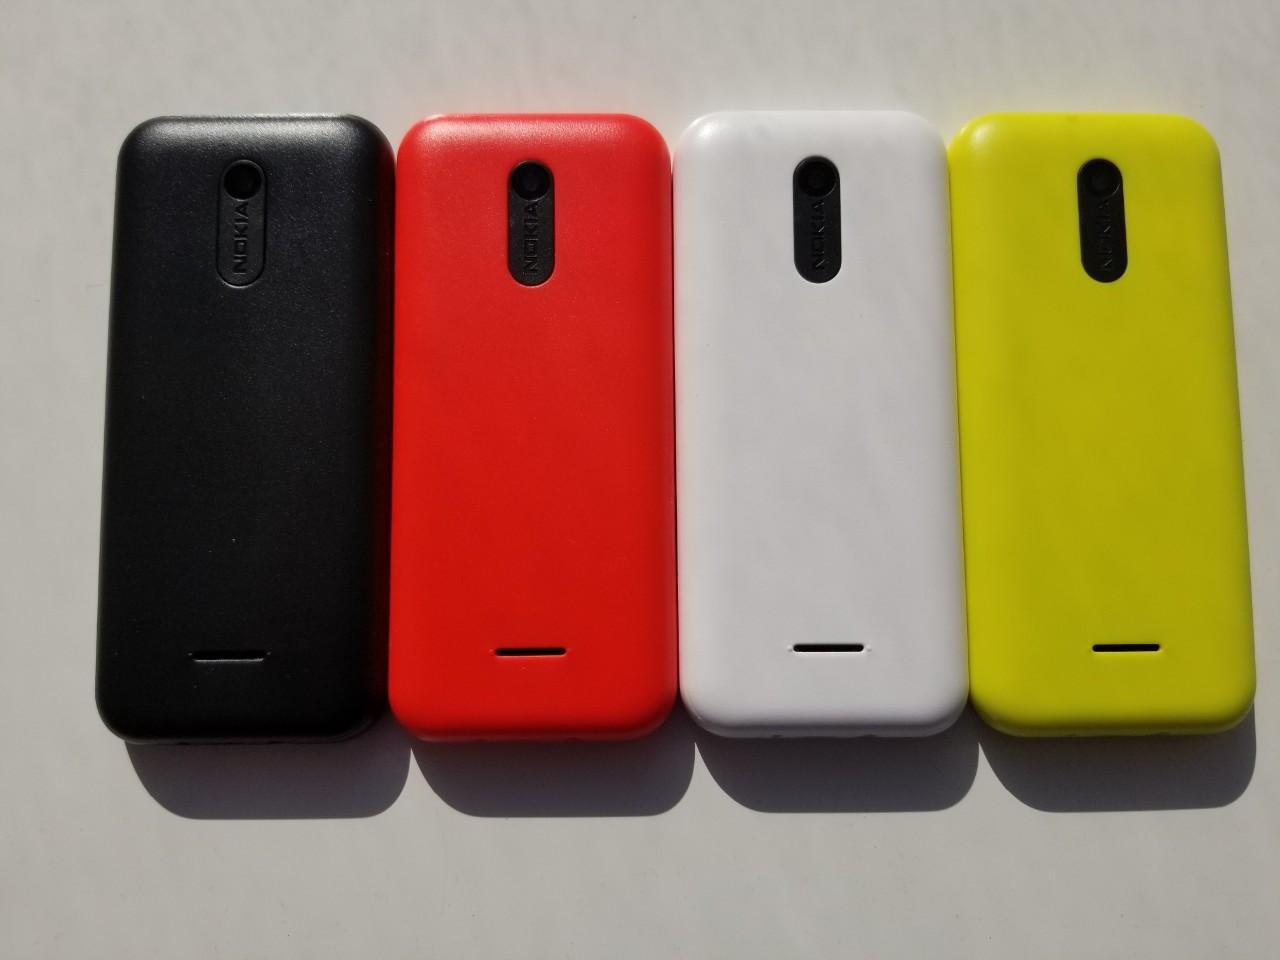 16ff185e71b4e Новые кнопочные телефоны Nokia 225 Duos! Четыре цвета! Отправка! - Интернет  магазин